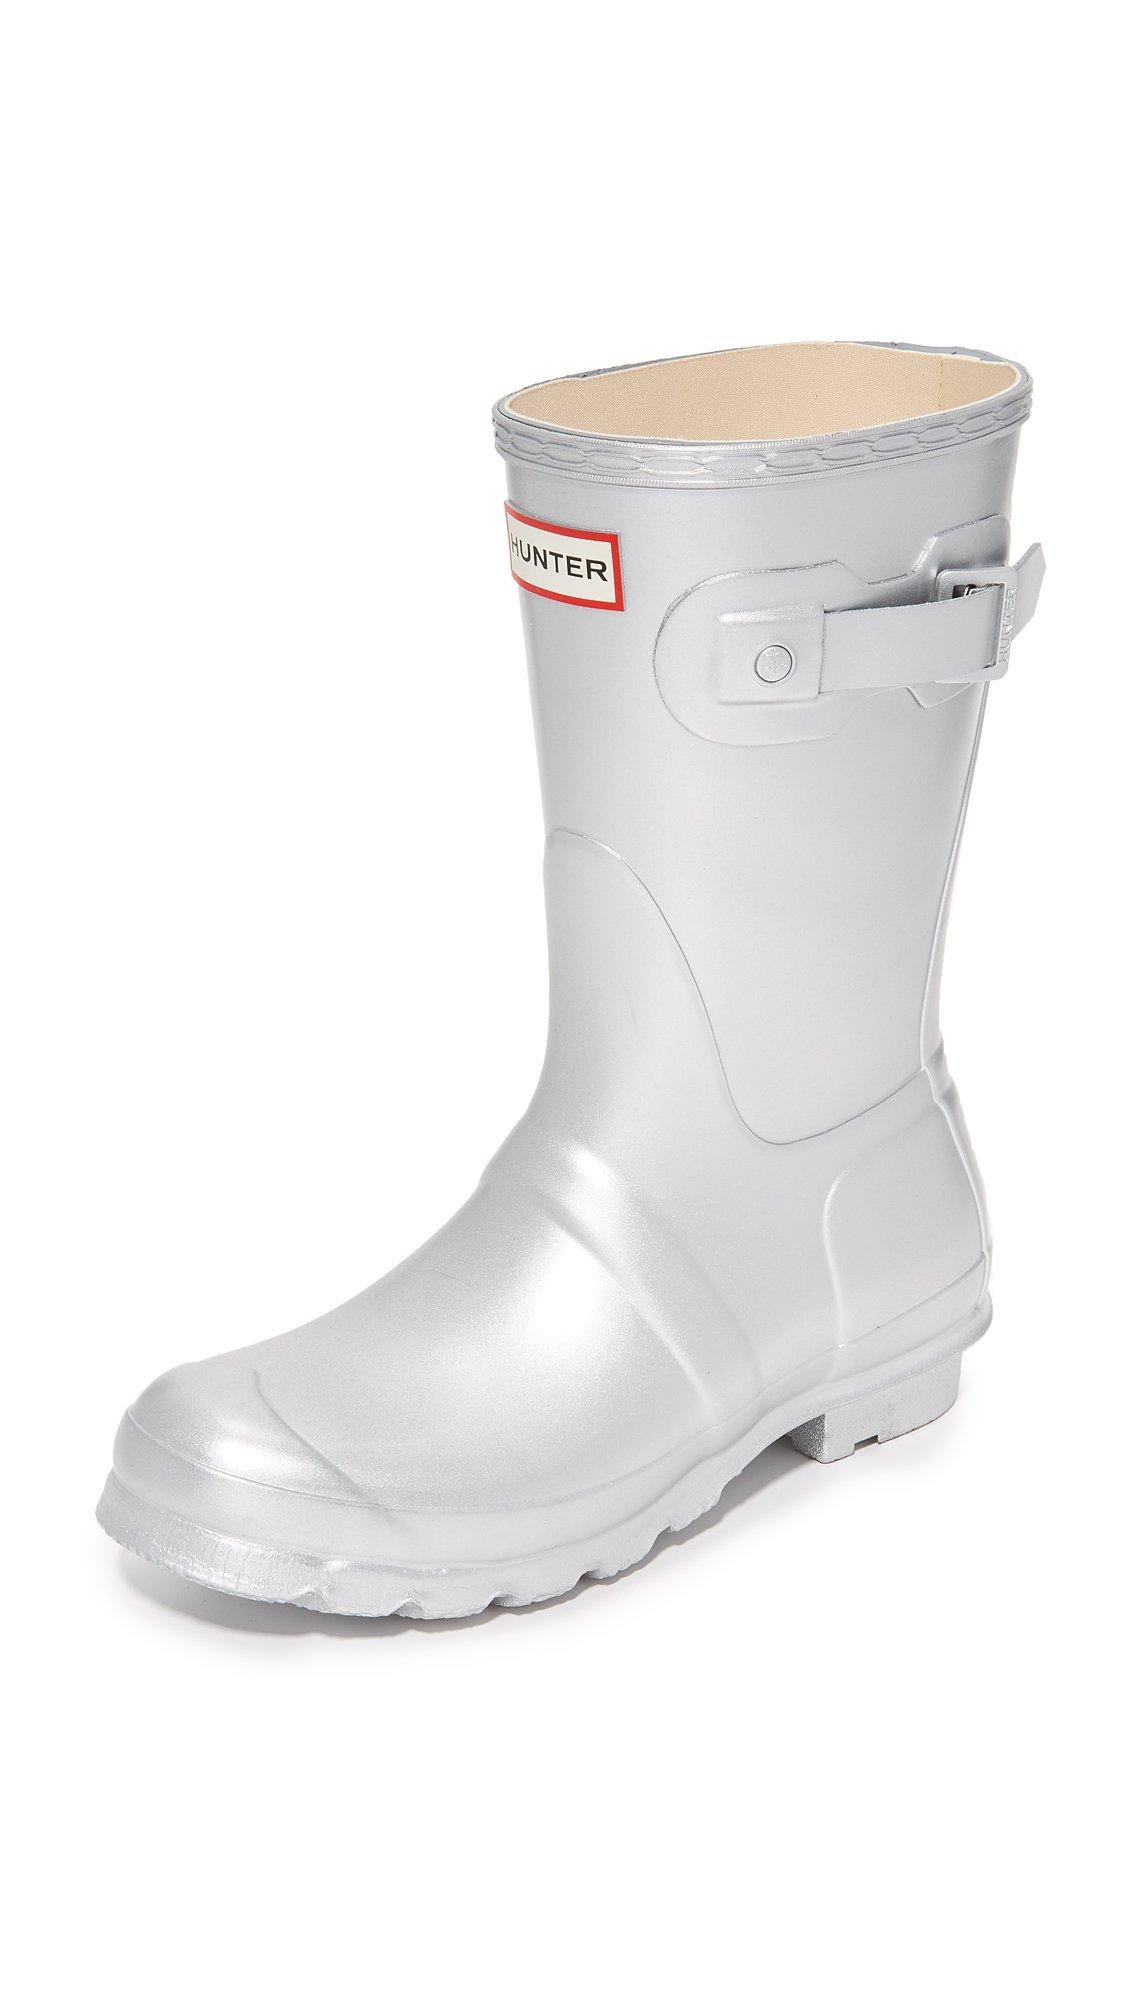 Hunter Boots Women's Original Short Boots, Silver, 9 B(M) US